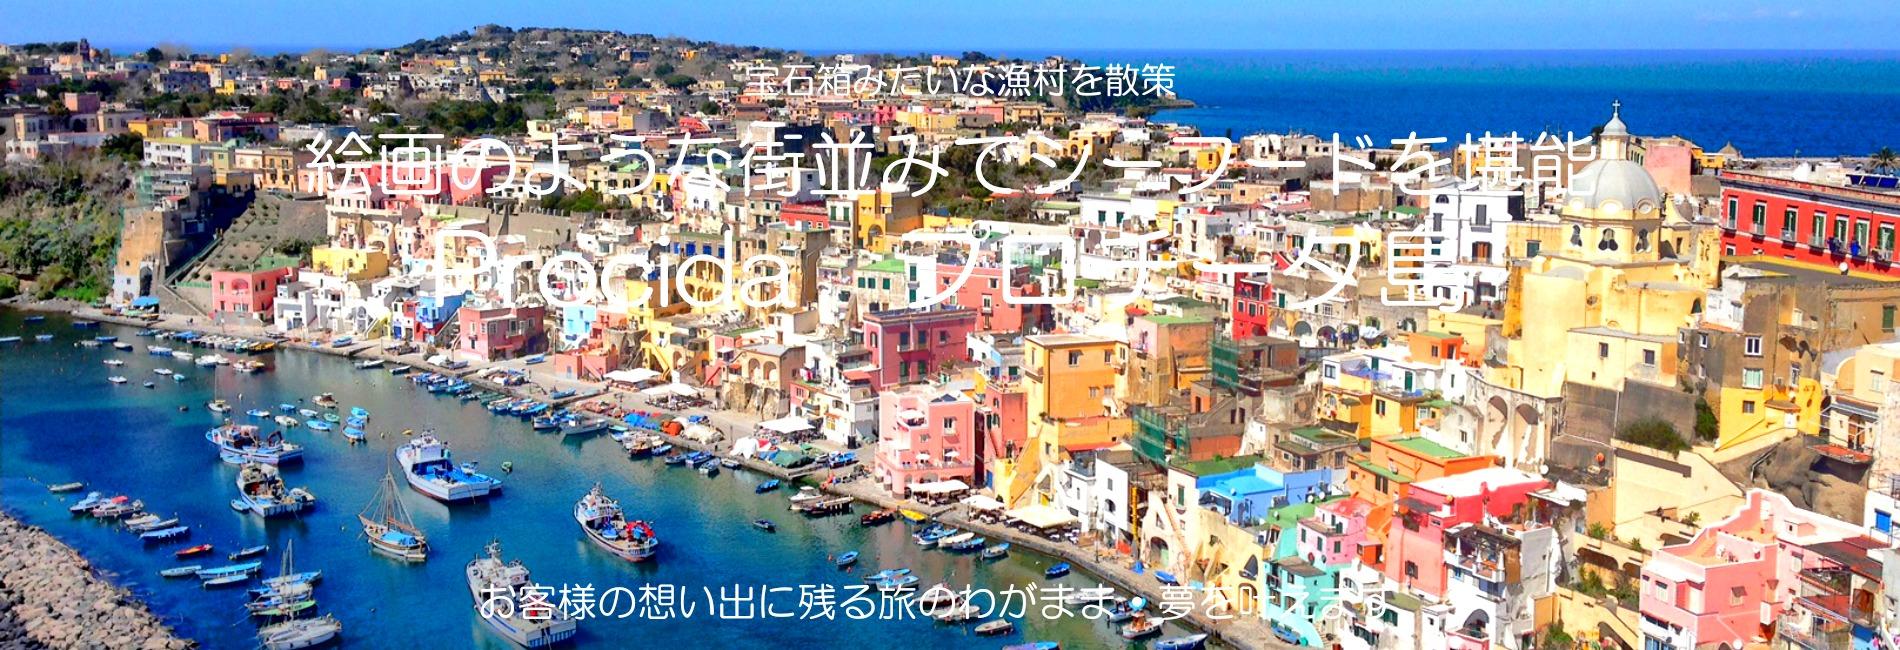 オーダーメイド旅行で行くイタリア、プロチーダ島italy費用・見積もり・予算を徹底解説